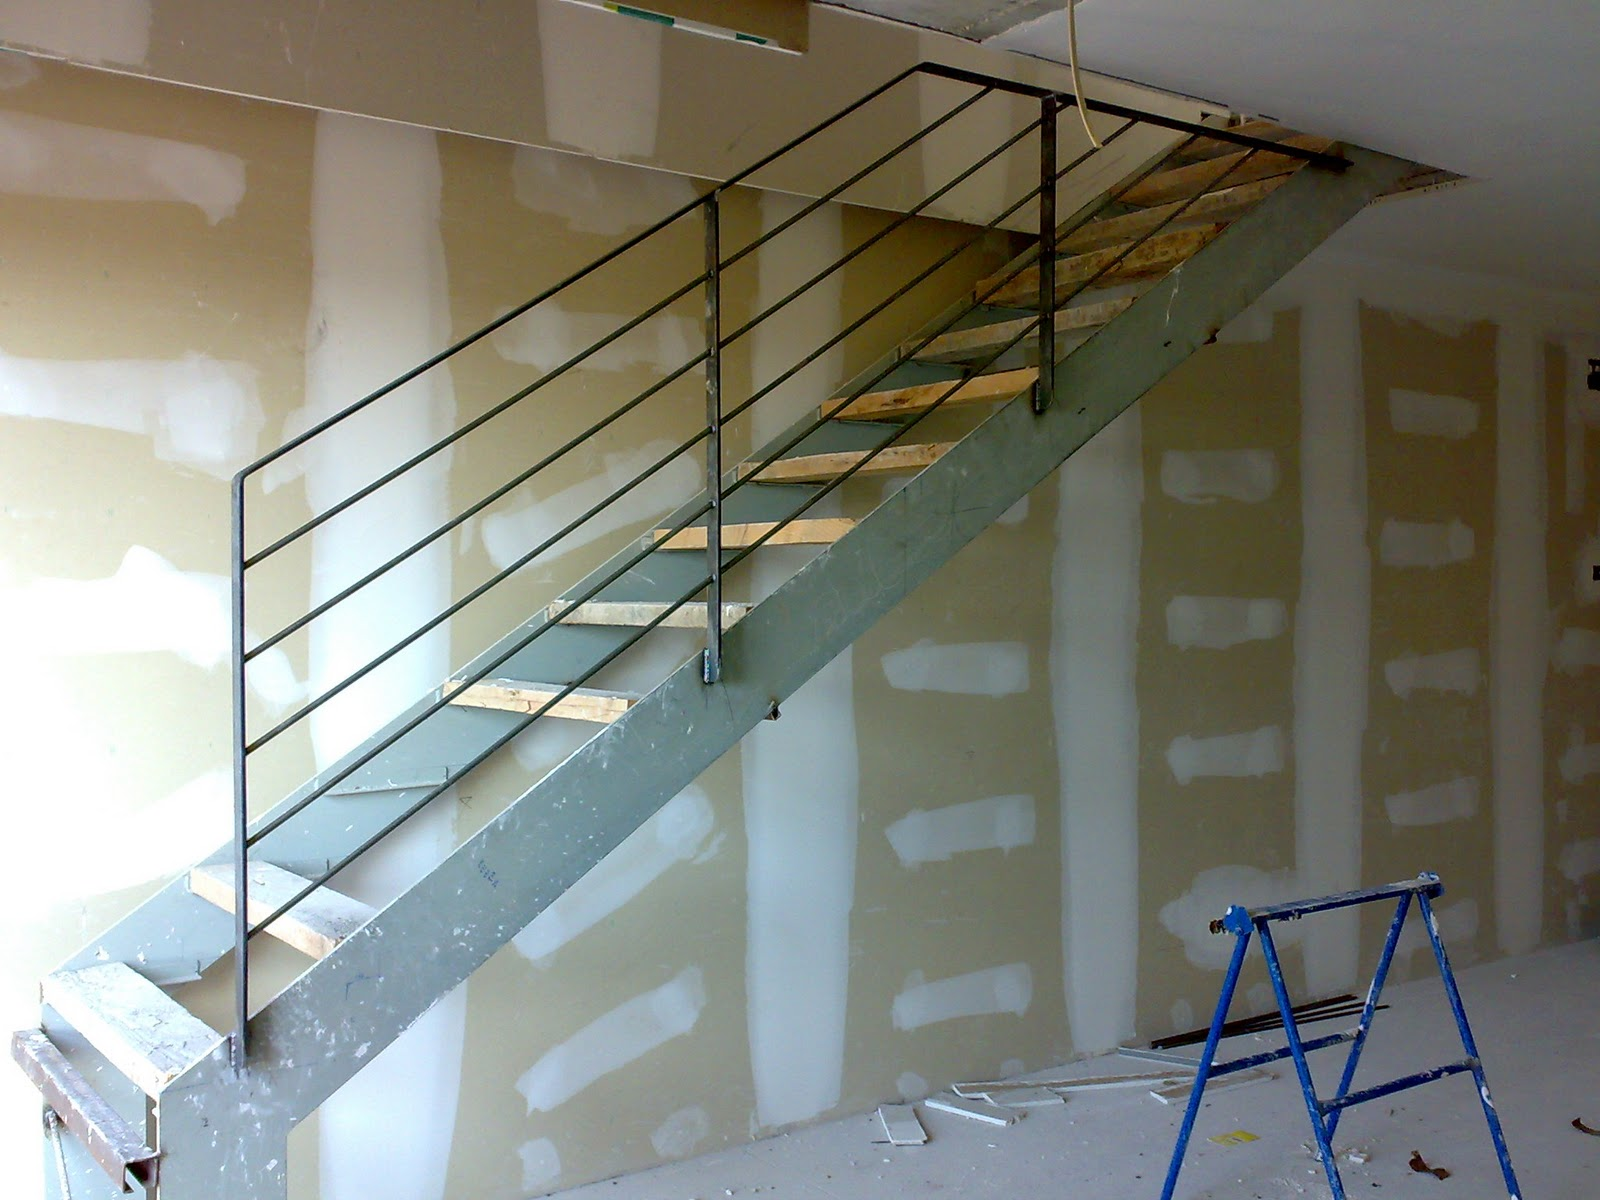 Cerrajer a soldado escaleras - Escaleras para duplex ...